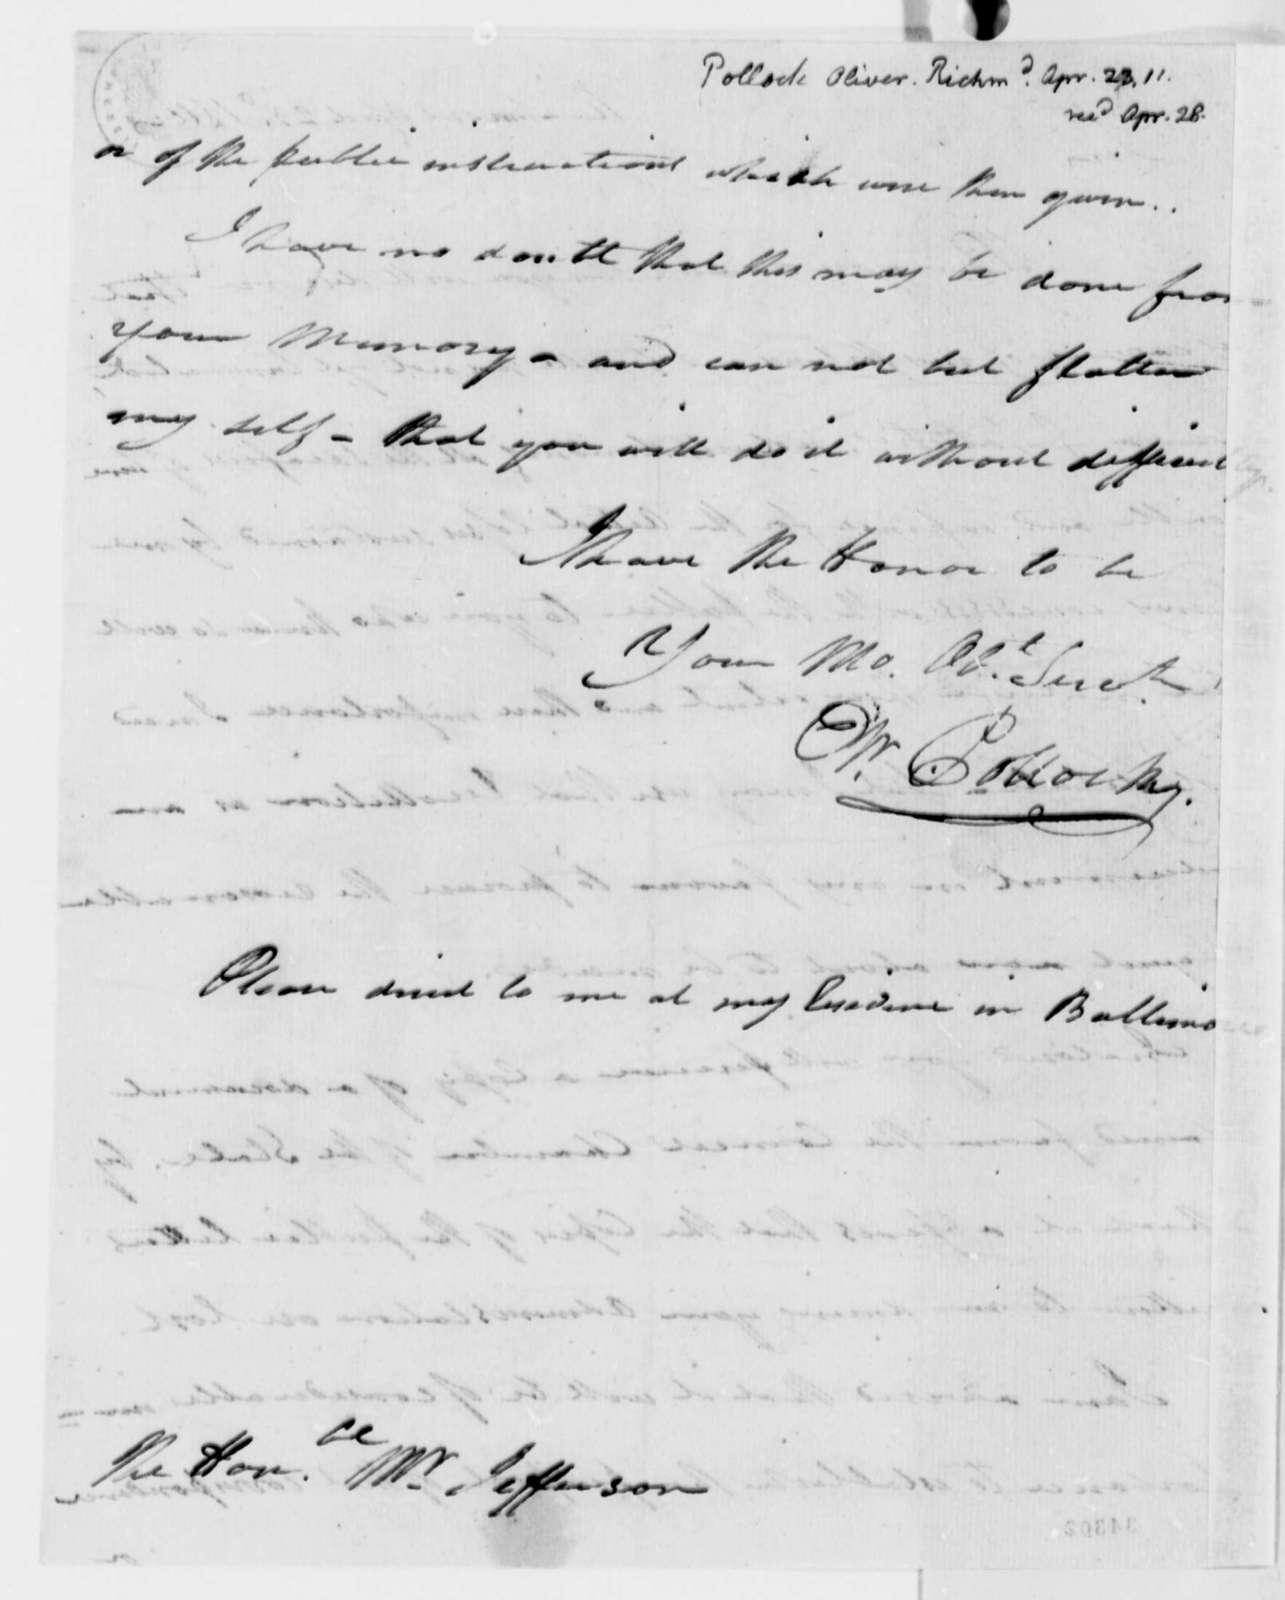 Oliver Pollock to Thomas Jefferson, April 23, 1811